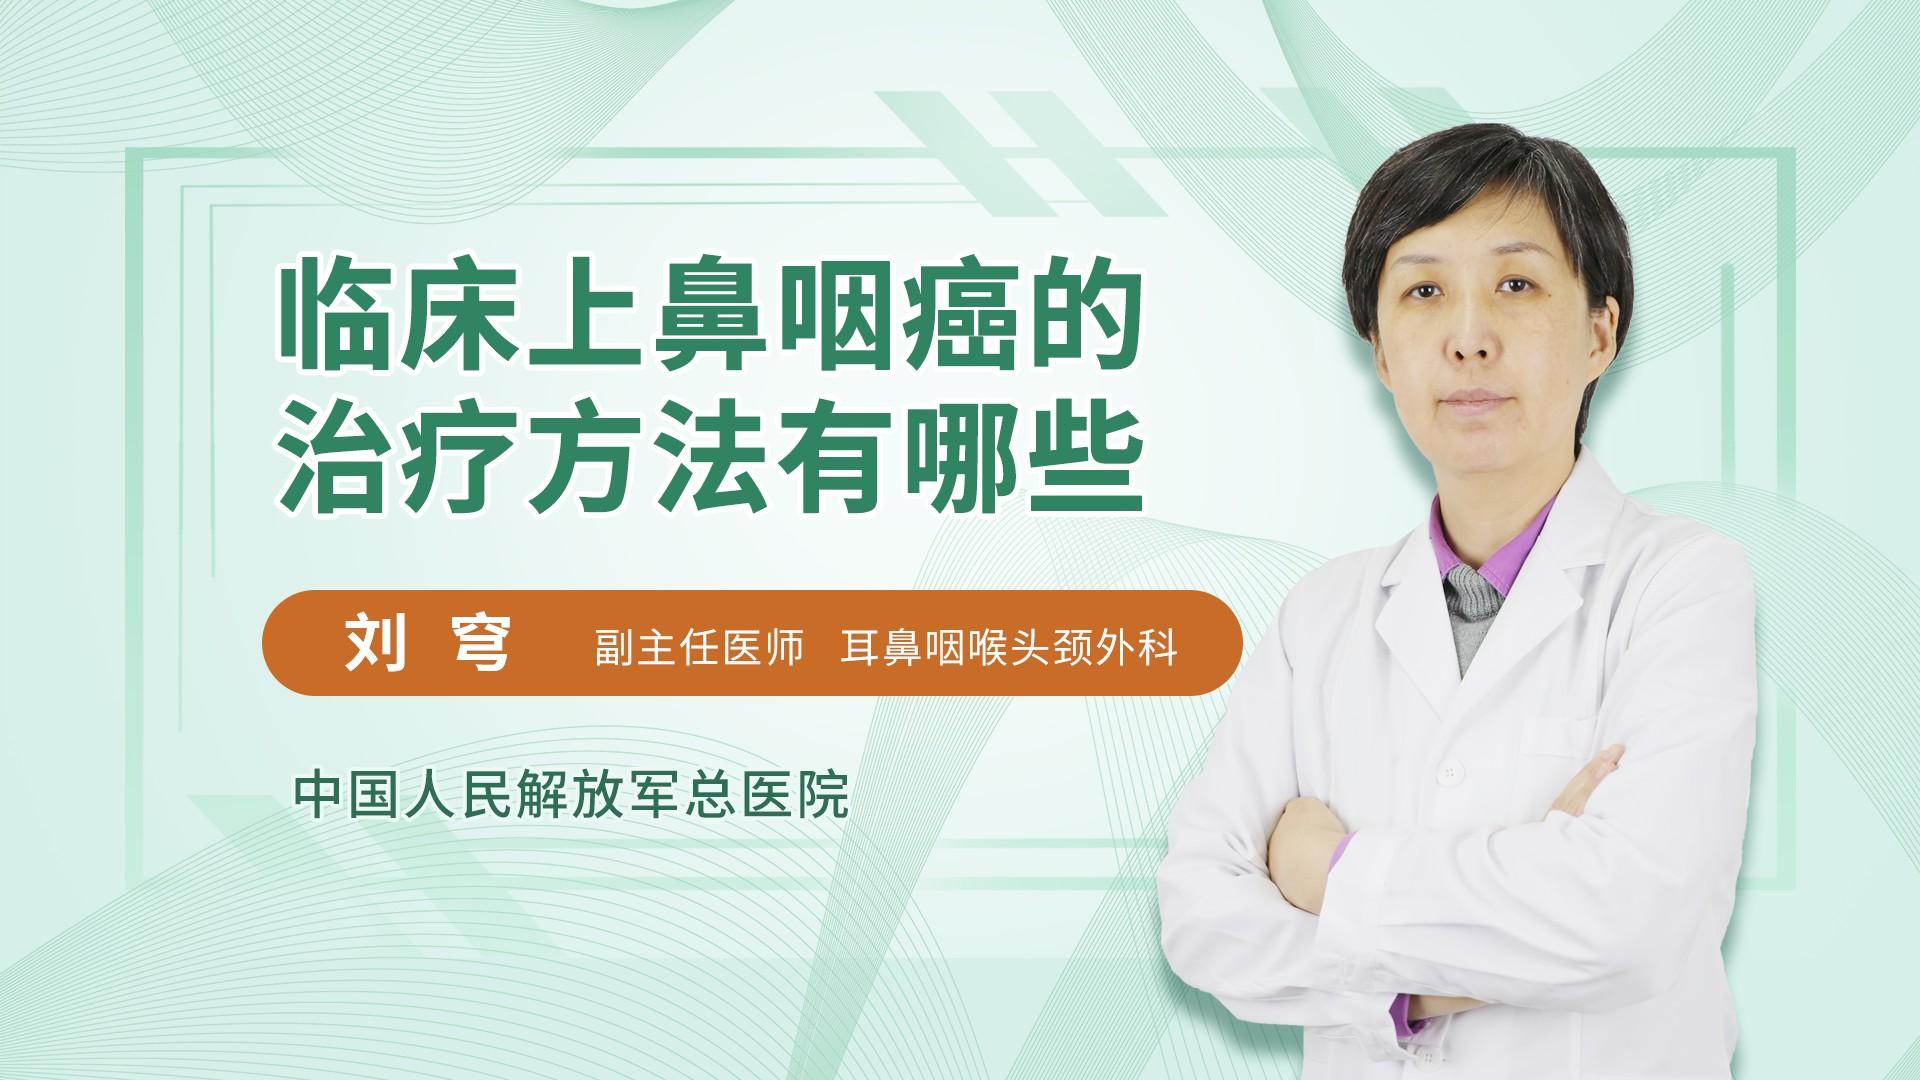 临床上鼻咽癌的治疗方法有哪些